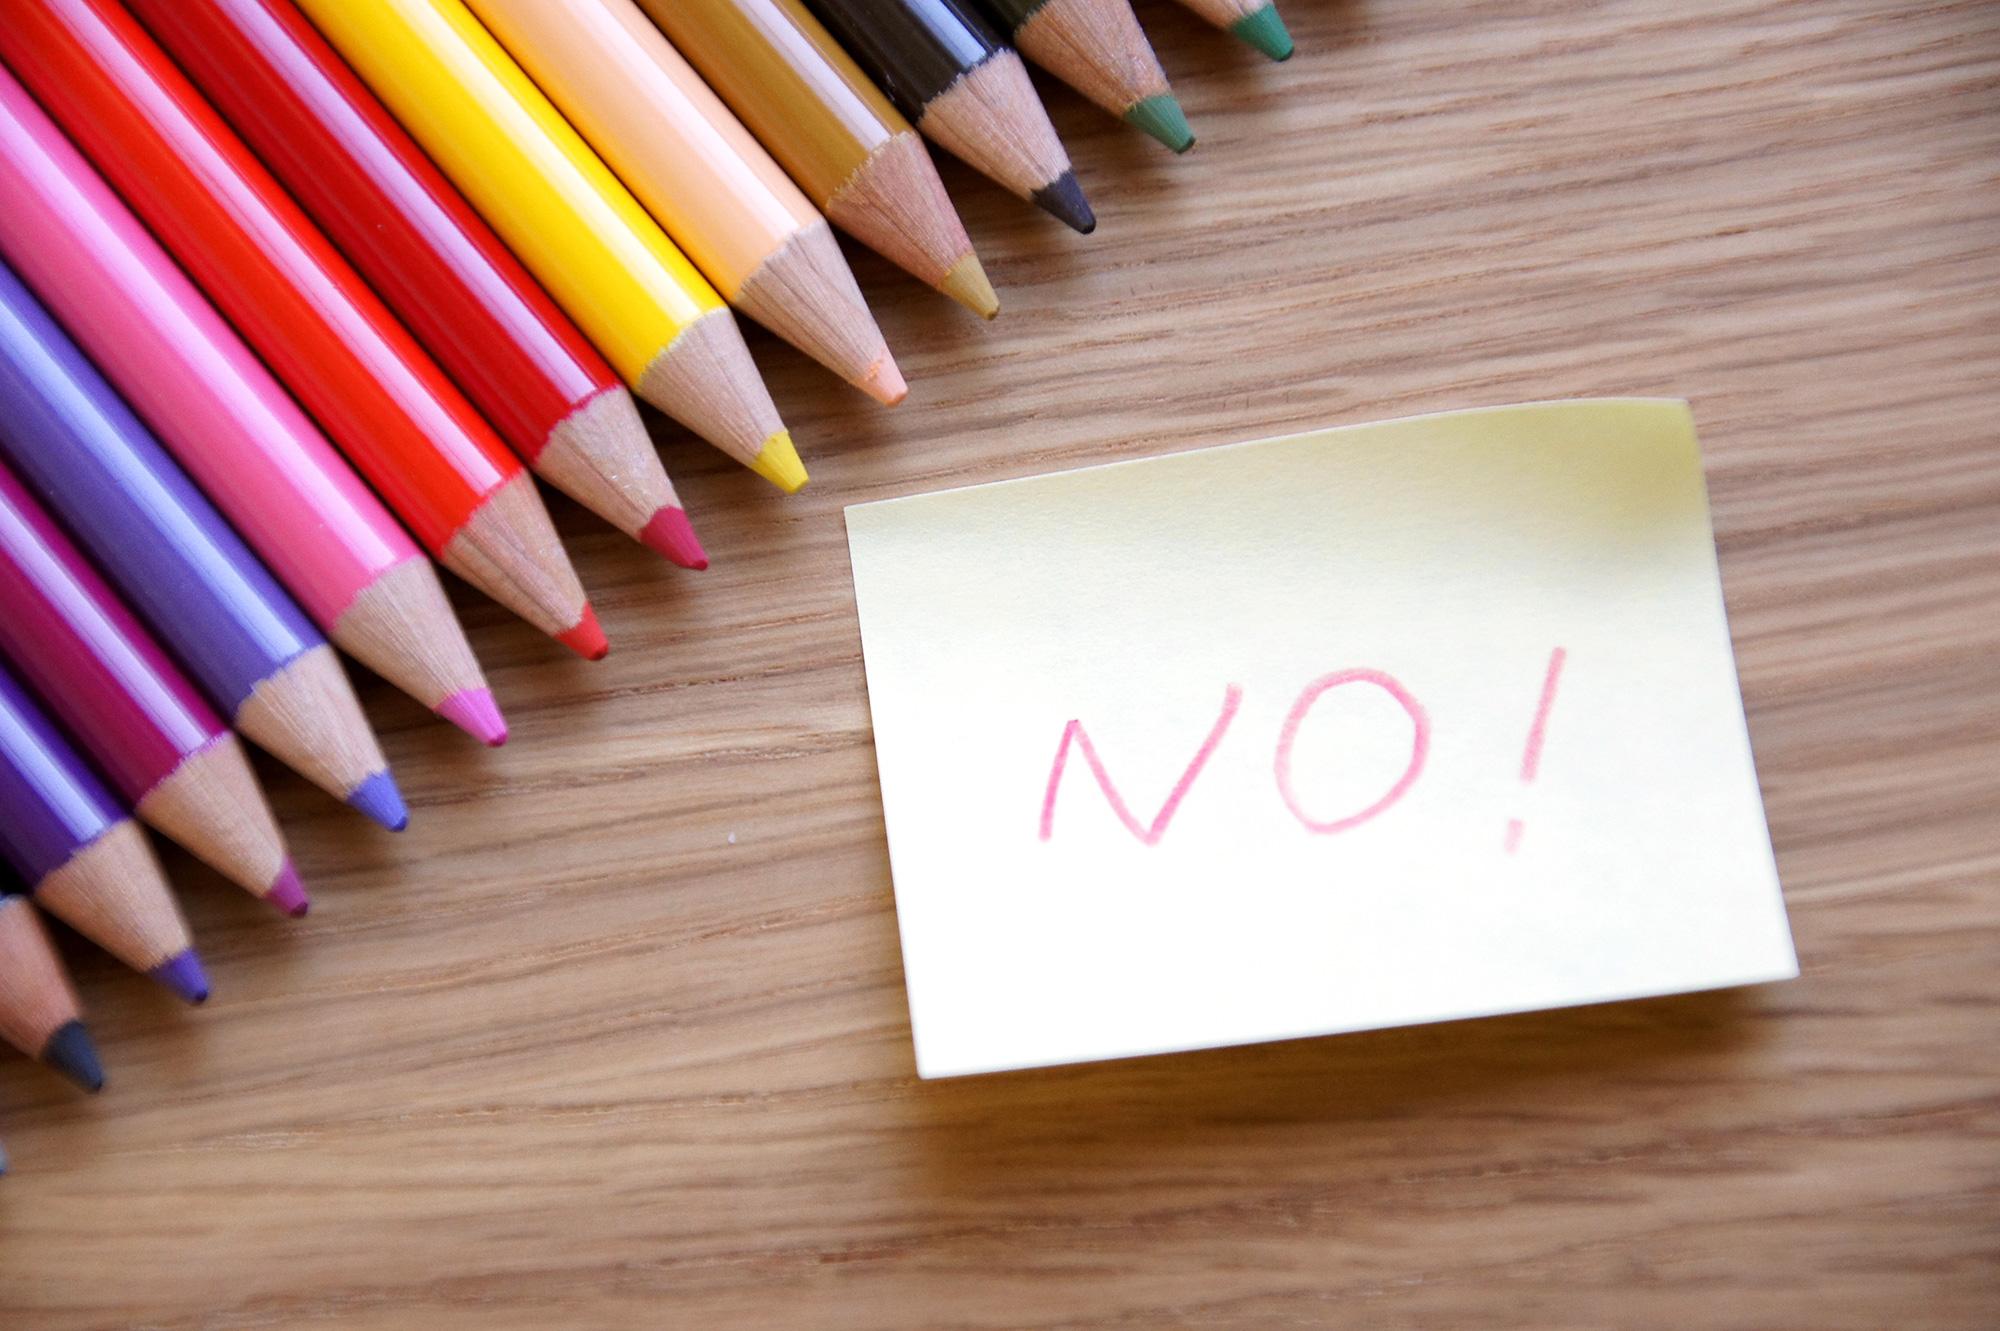 色鉛筆とNOの付箋紙の写真のフリー素材